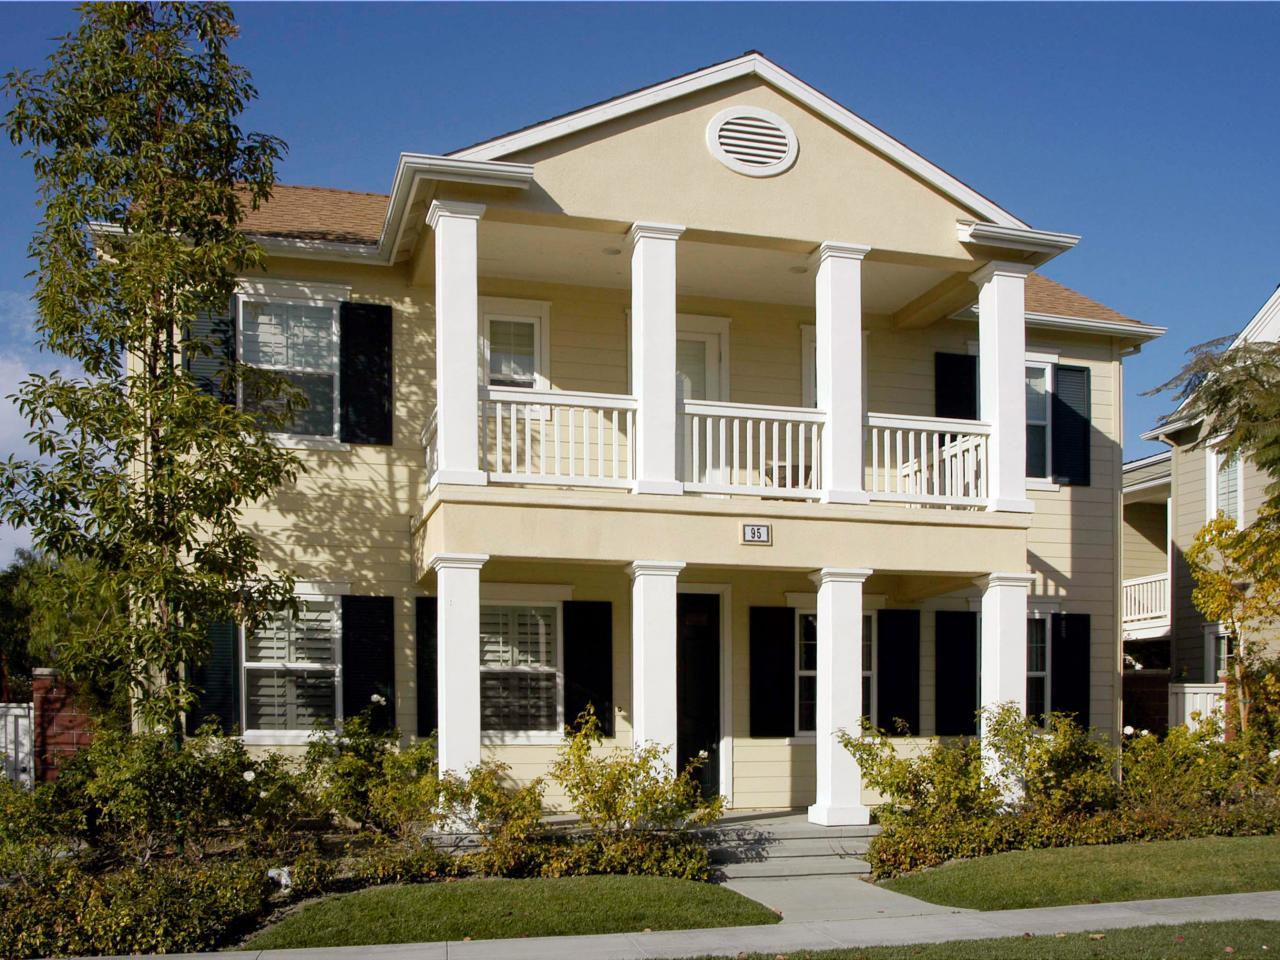 desain rumah mewah dengan pilar